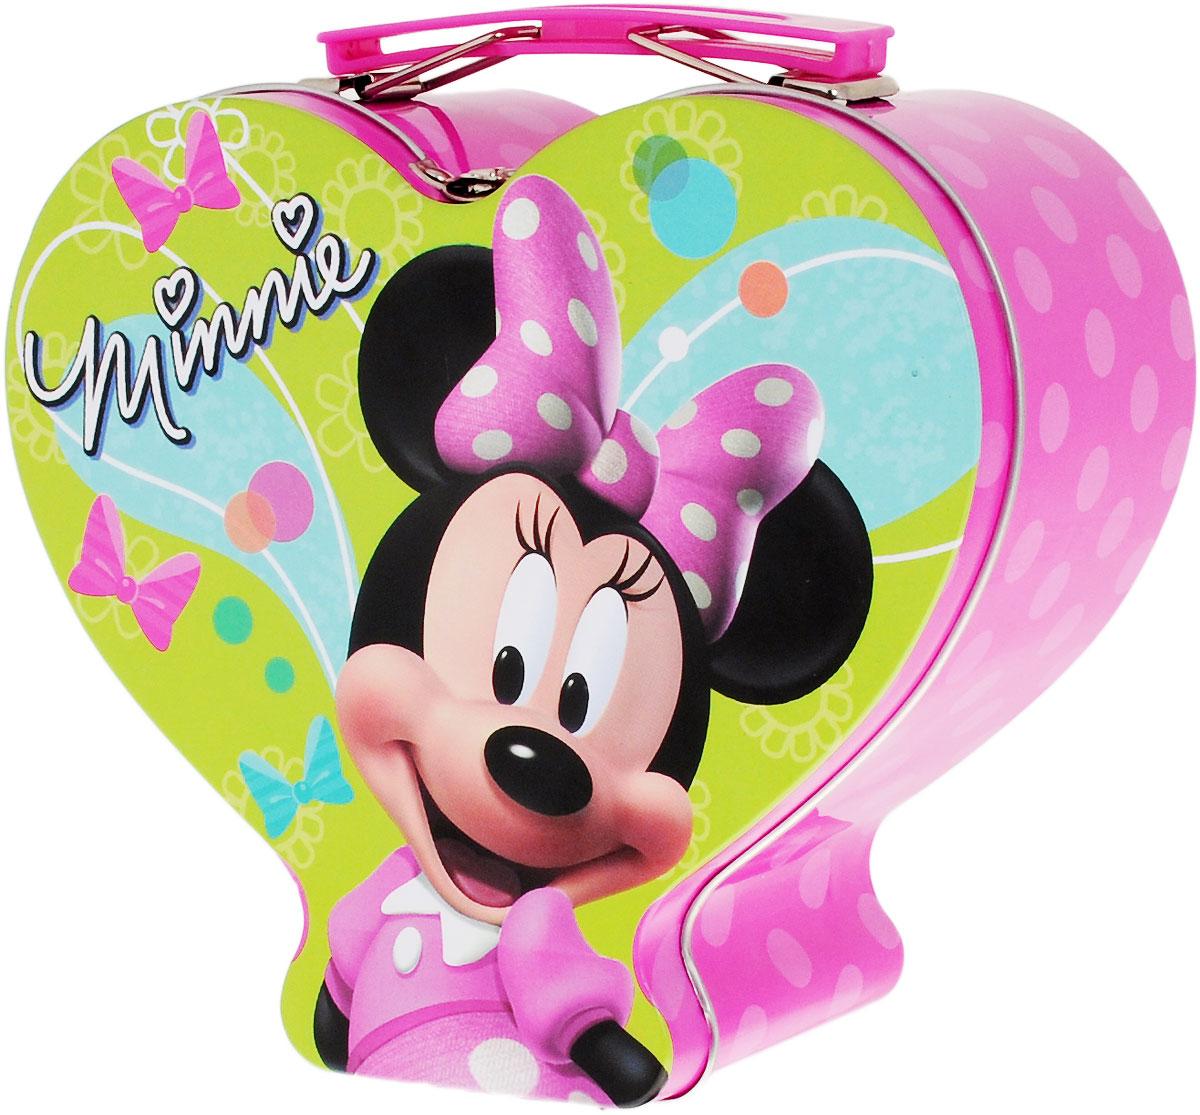 Amscan Чемоданчик Disney Минни Маус -  Предметы интерьера